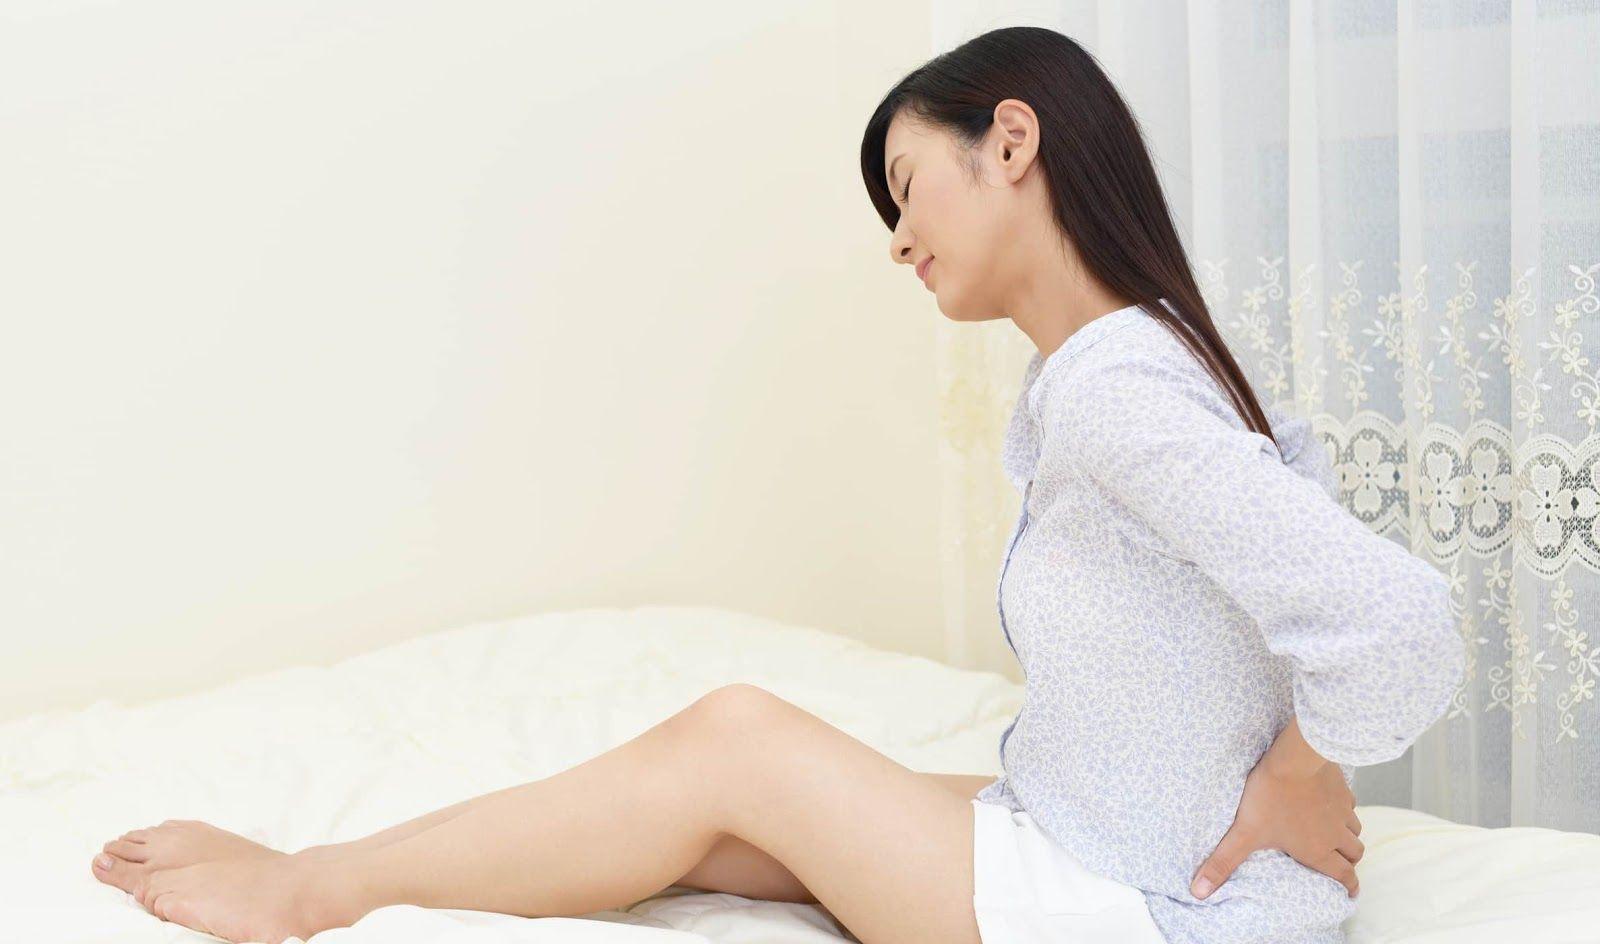 Đau vùng chậu là một trong những dấu hiệu của ung thư cổ tử cung